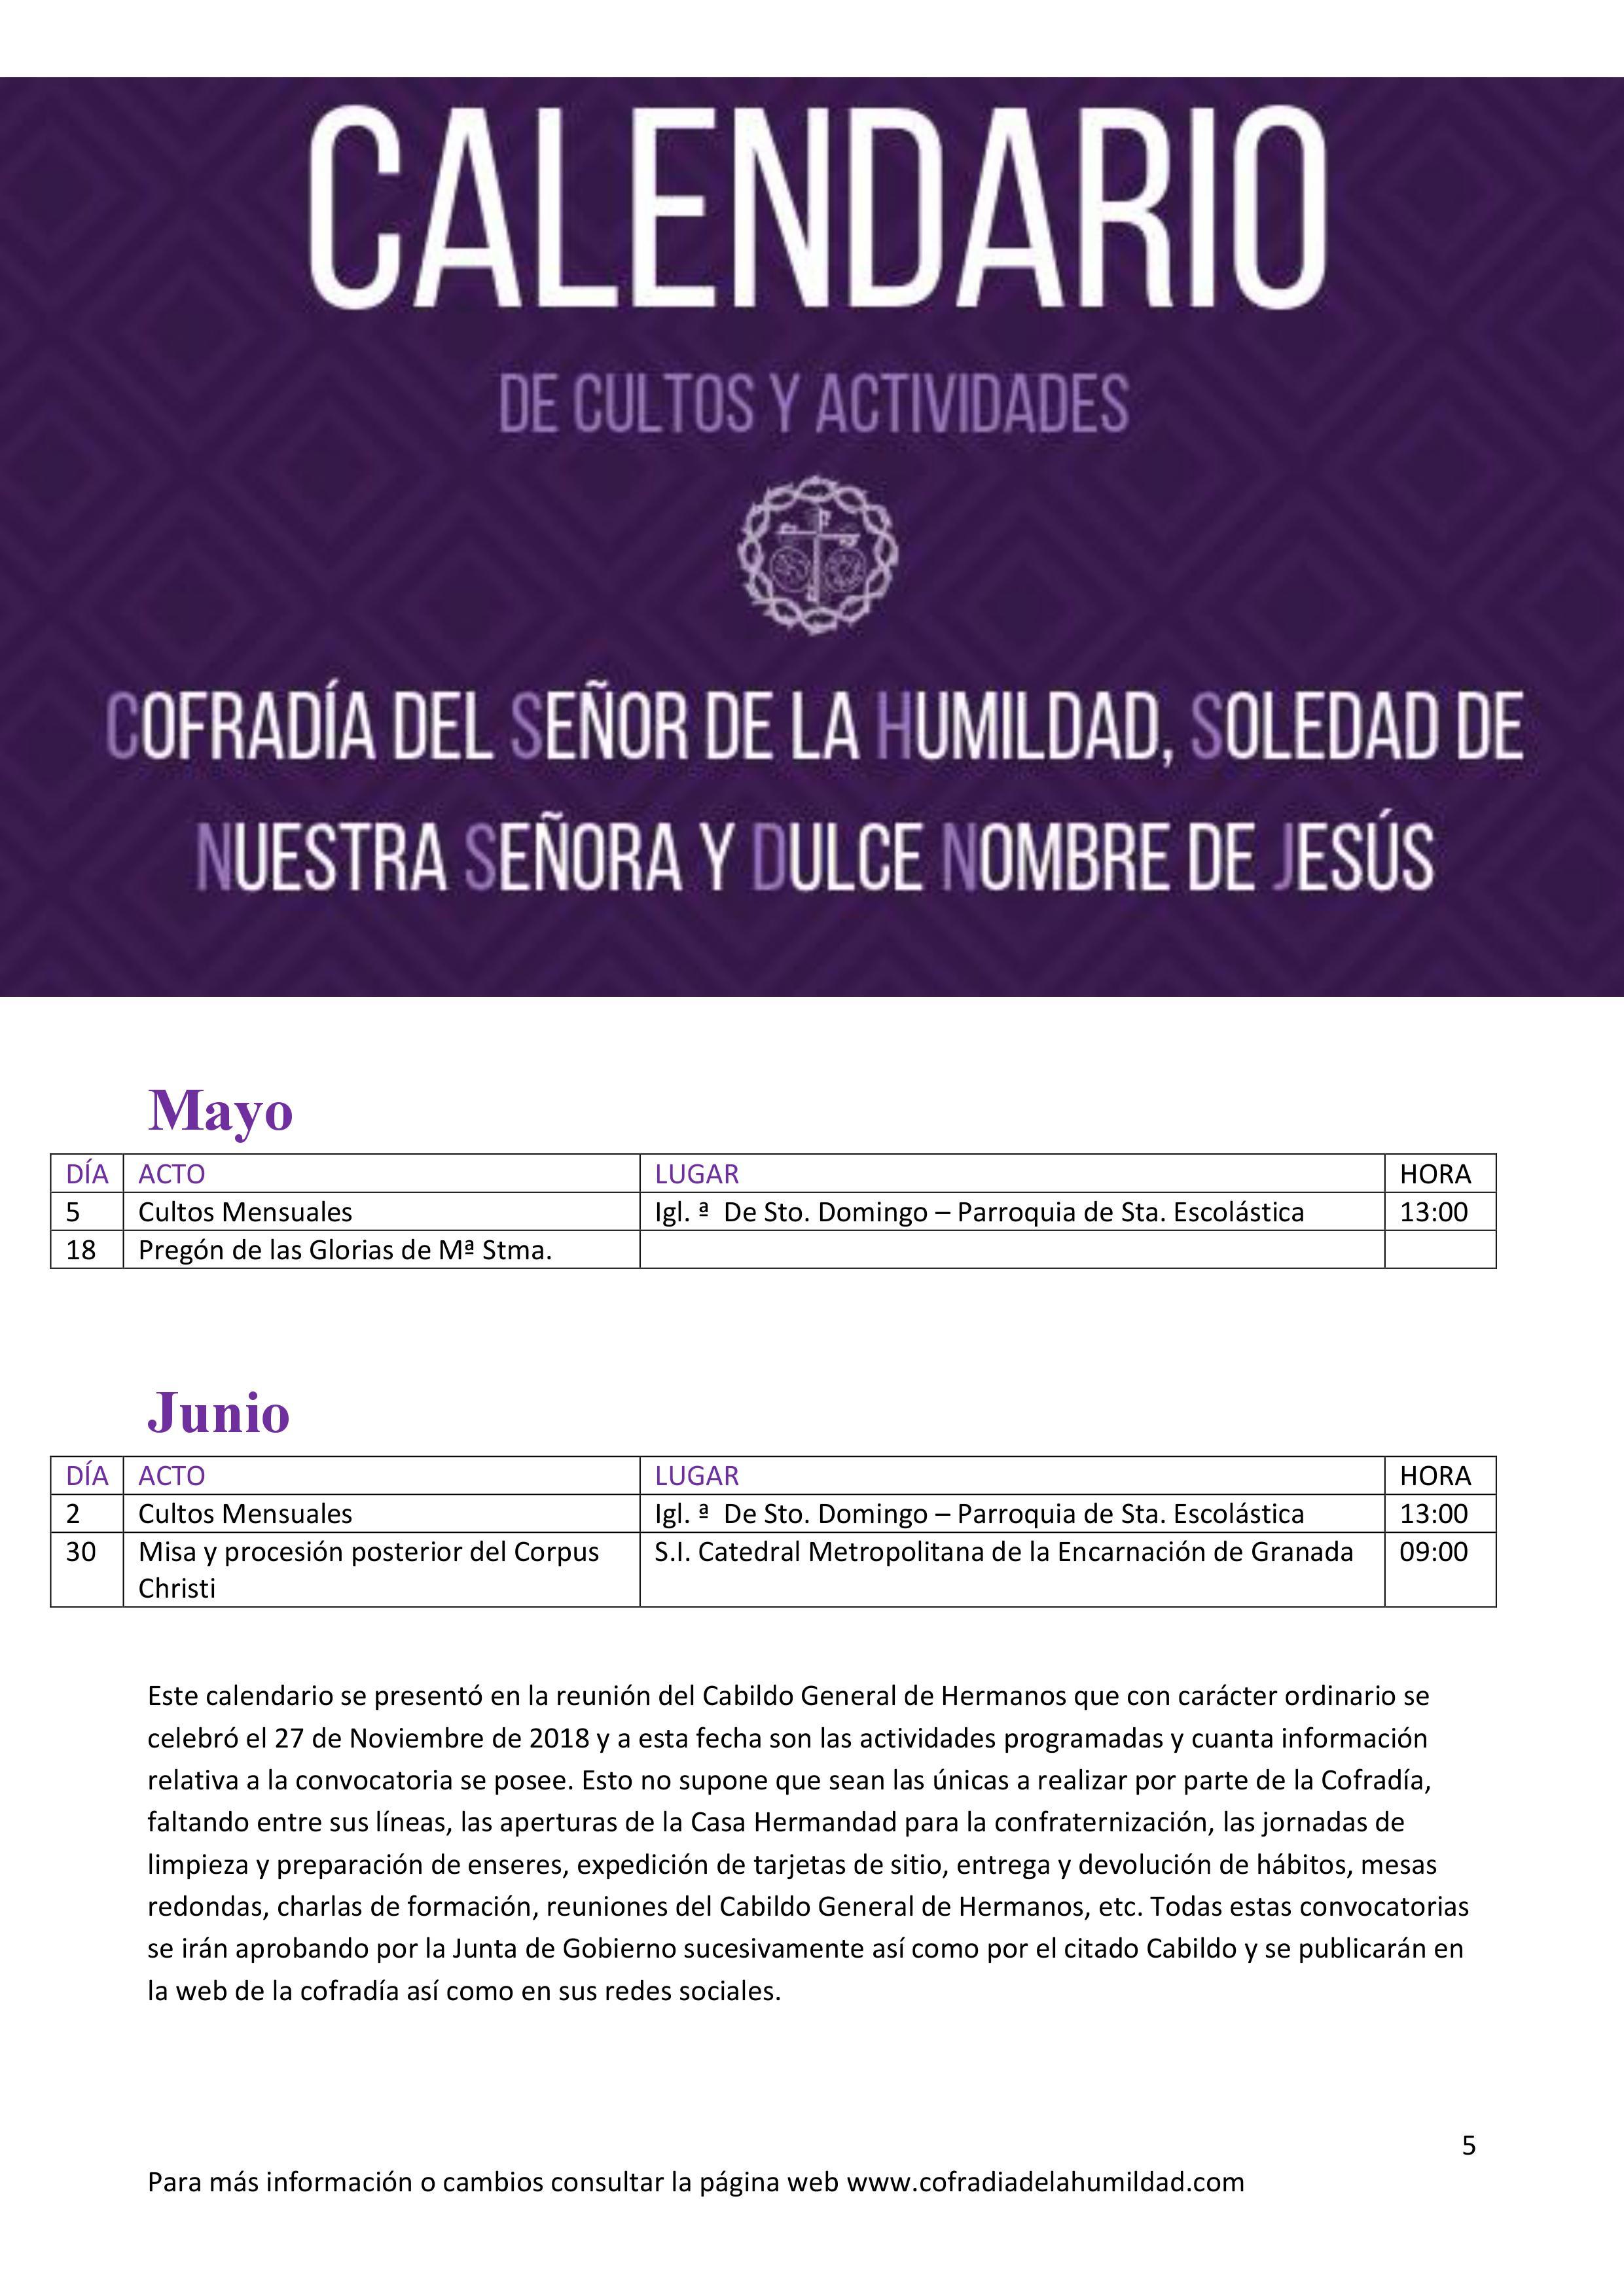 calendario cofradia humildad 2018-19 (1)